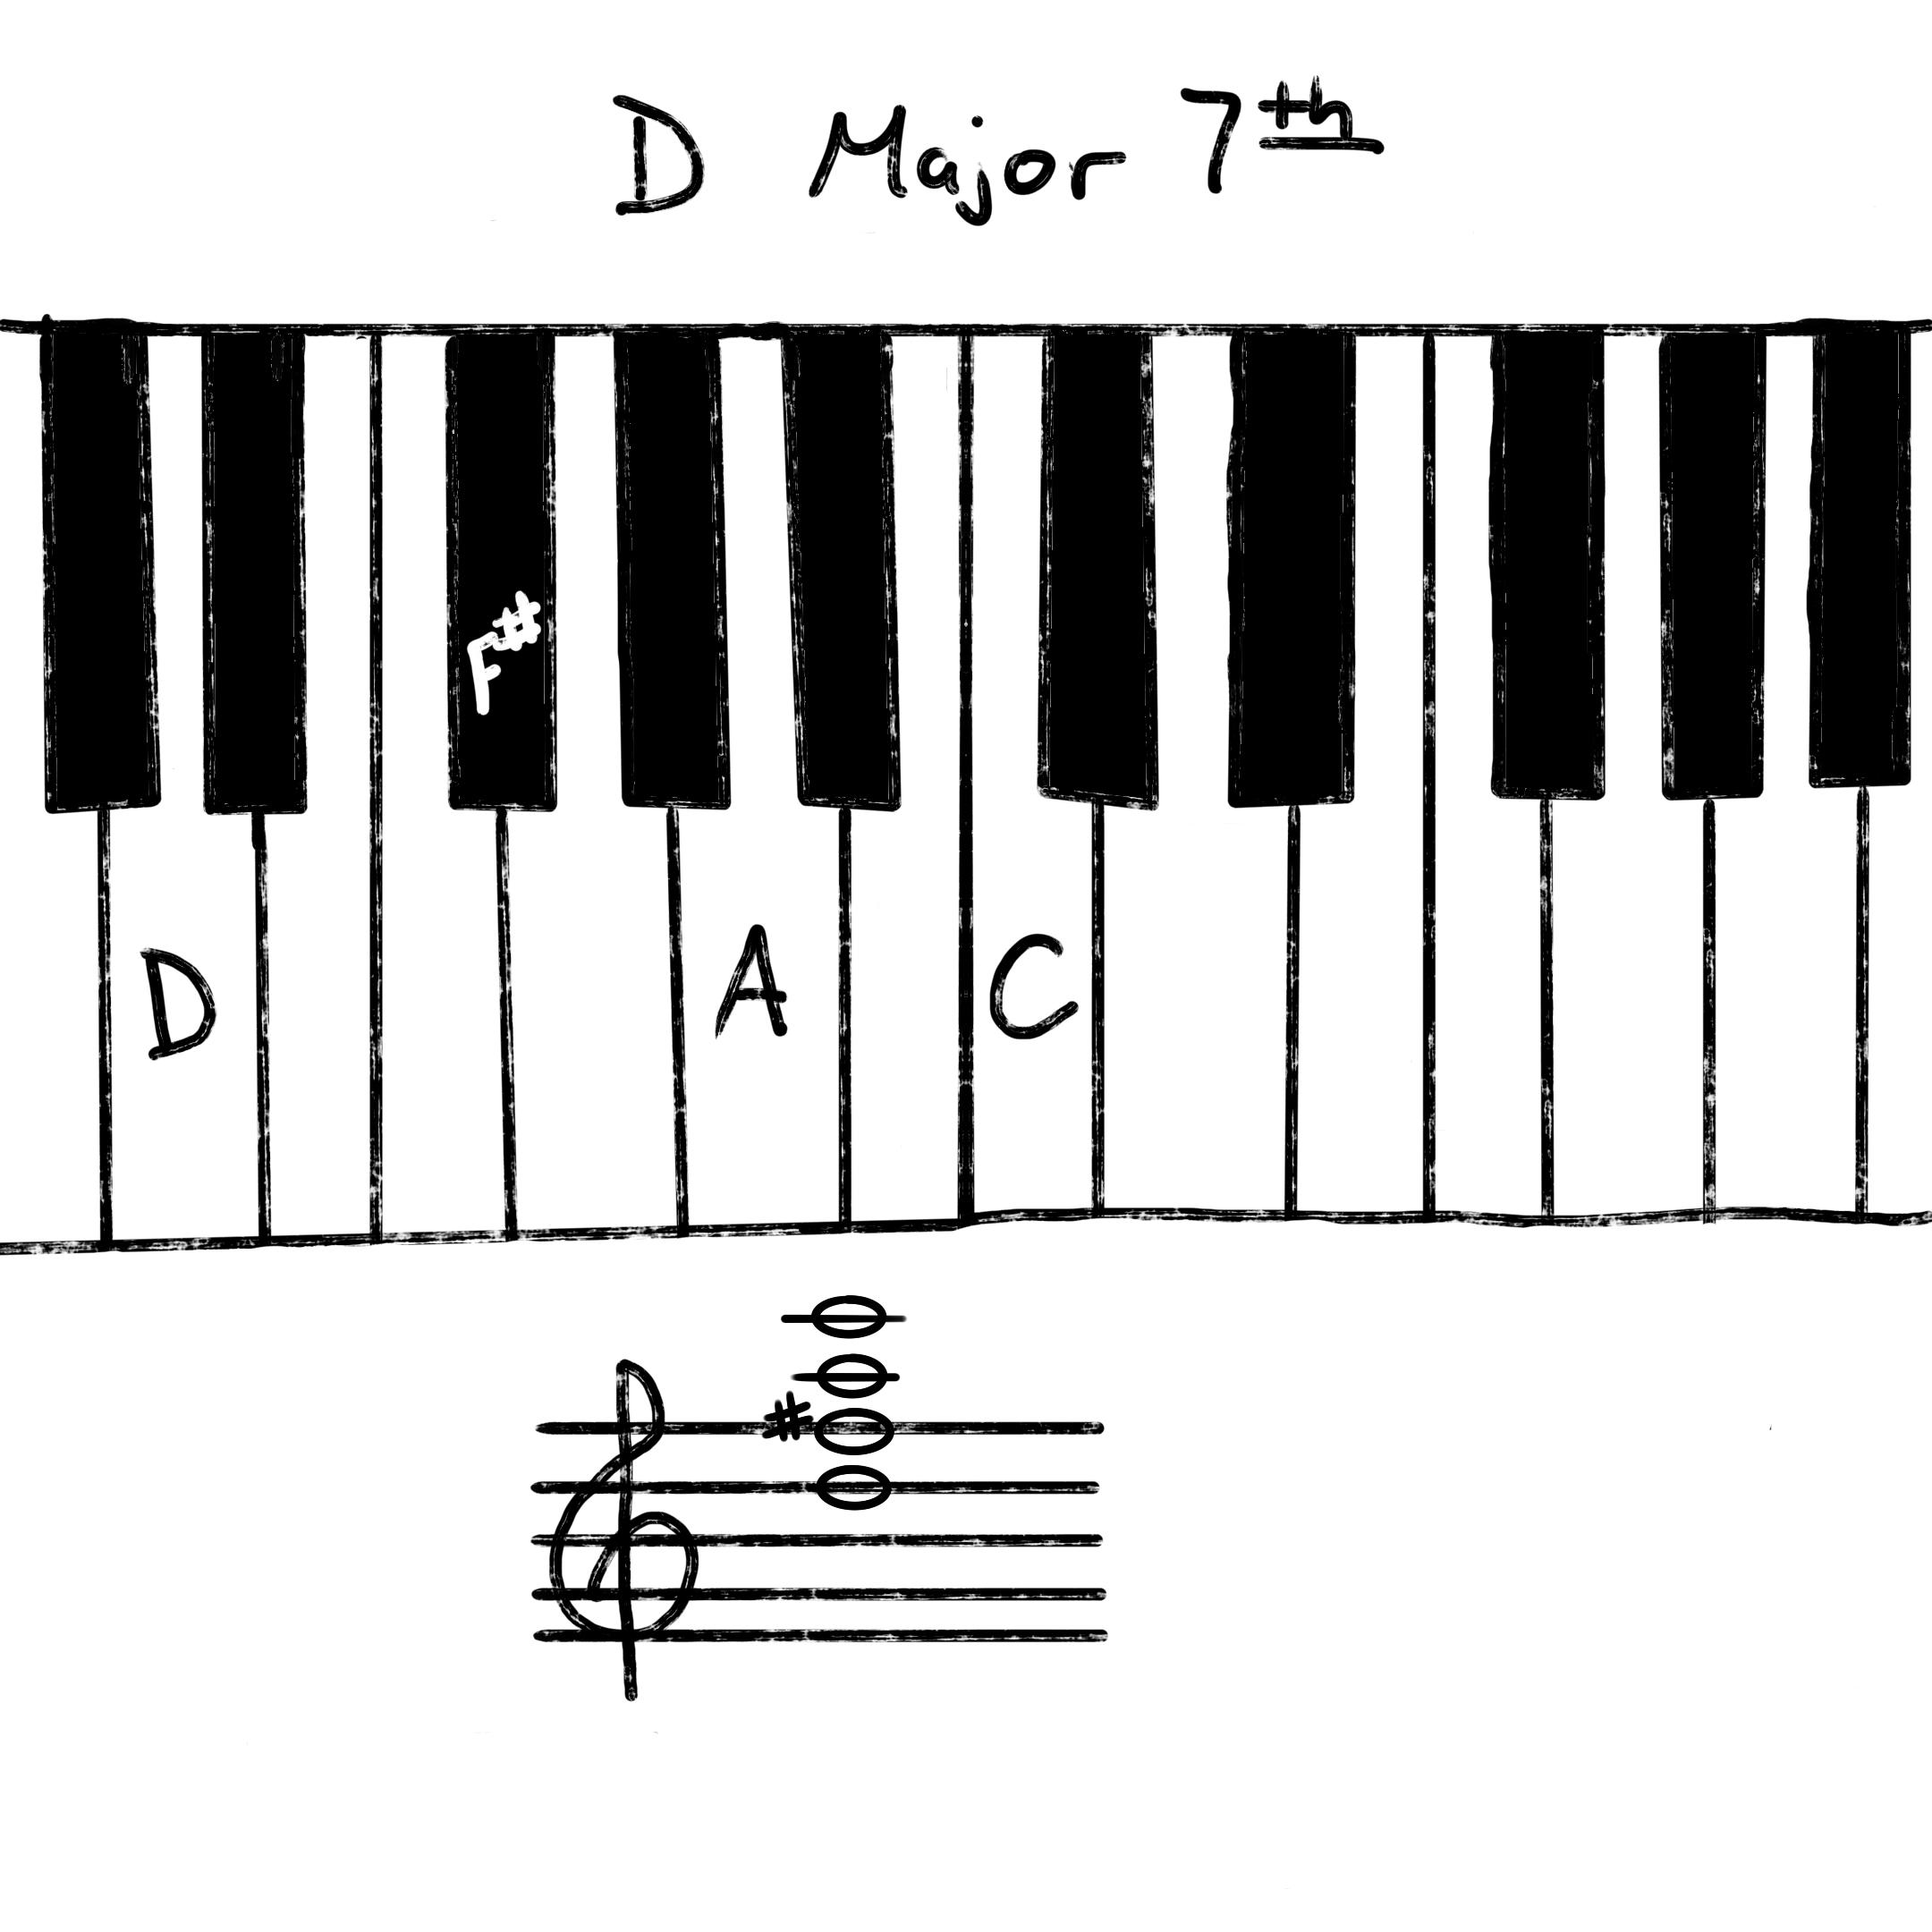 D major 7th